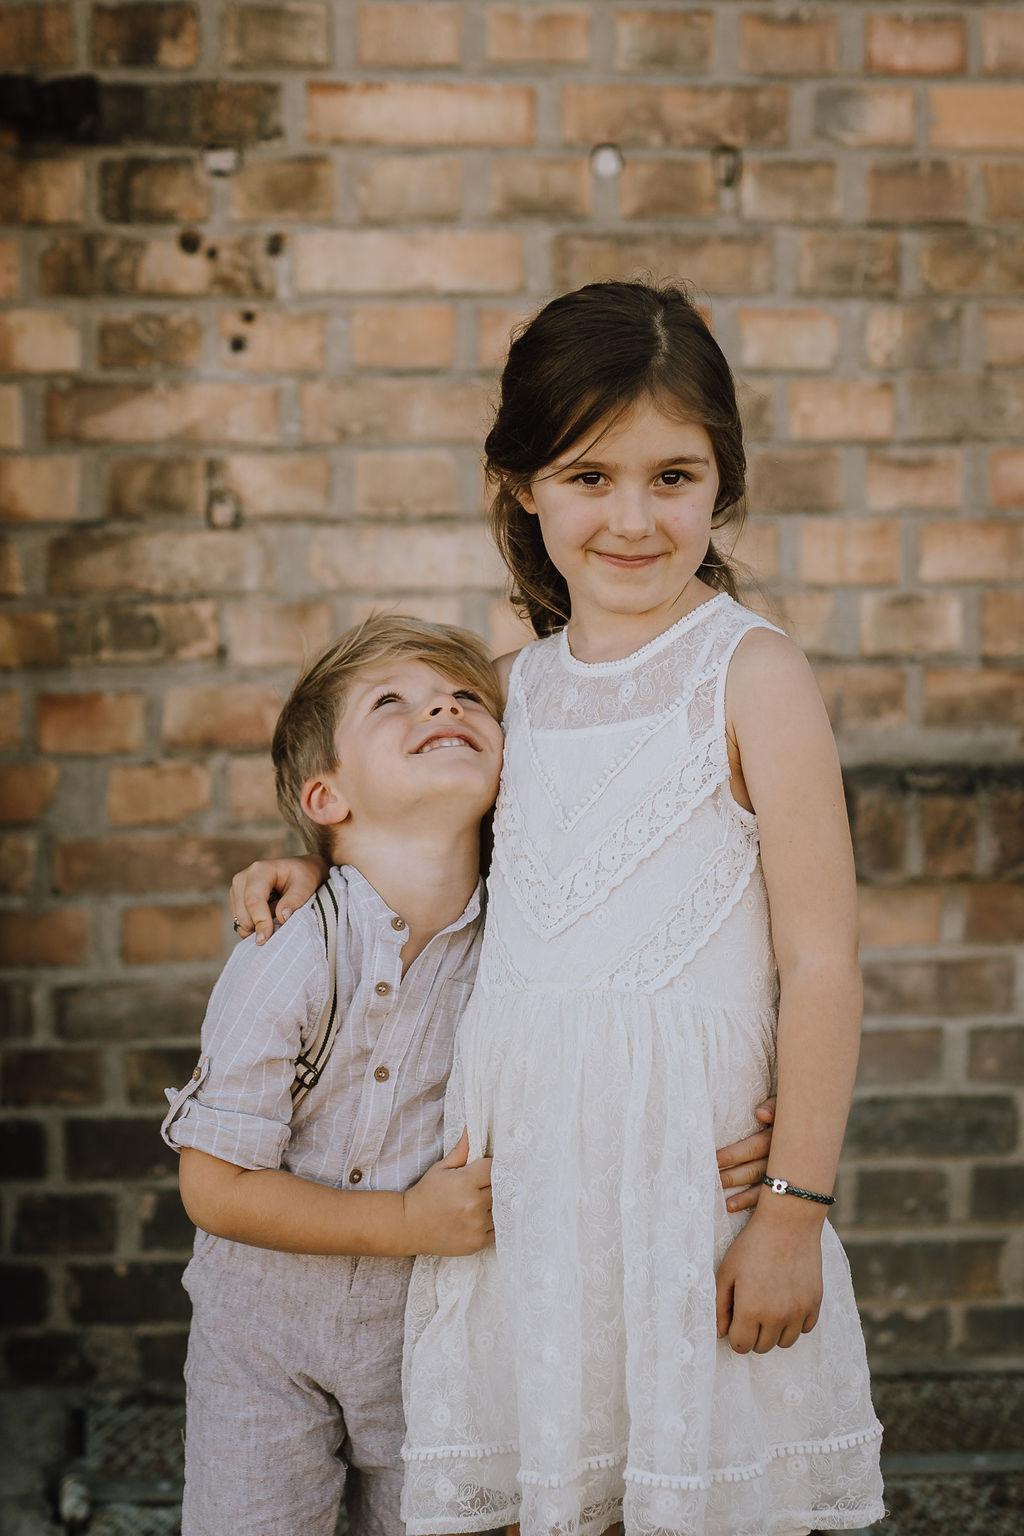 Styled Shoot, Kinder-Paar, Mädchen und Junge, umarmend